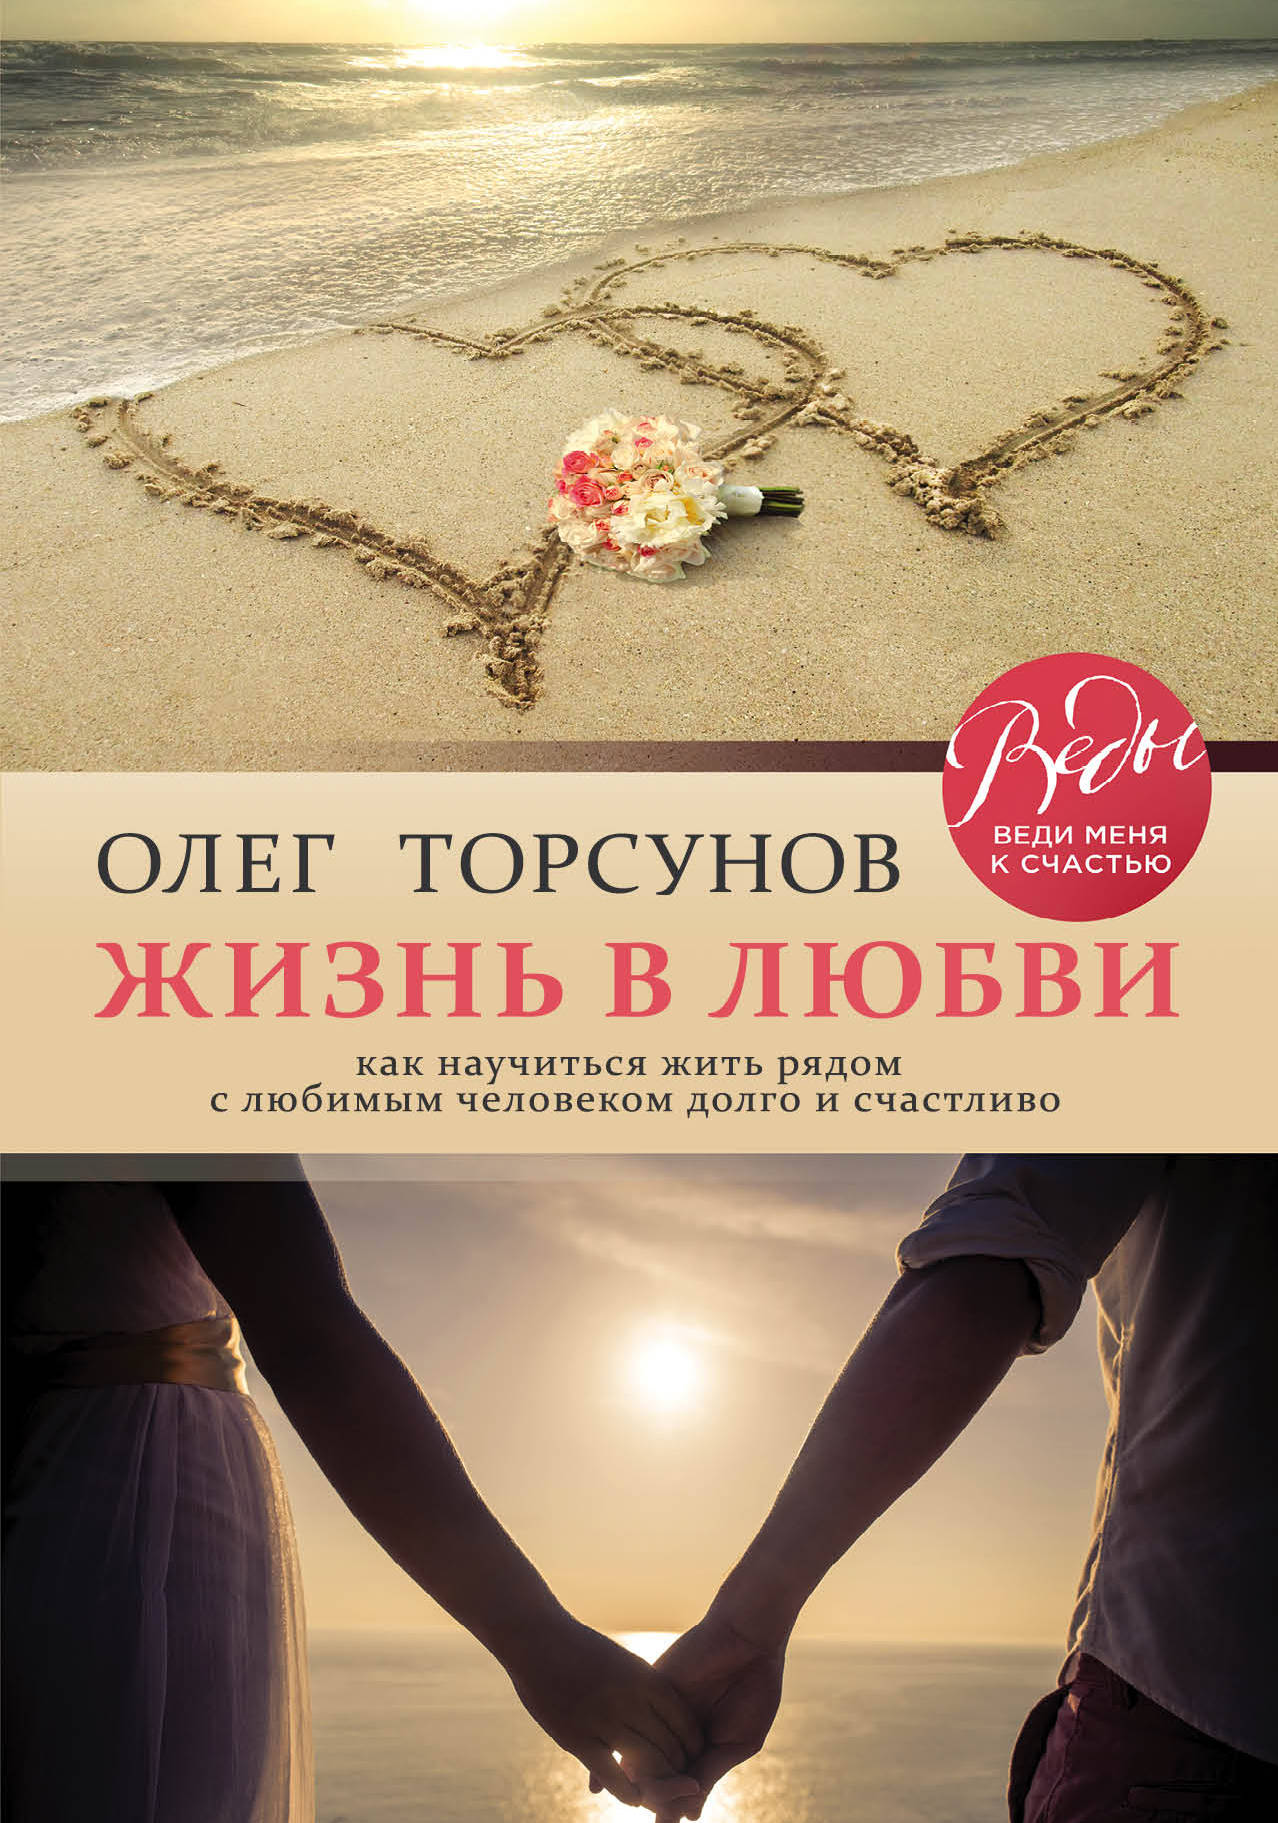 Жизнь в любви. Как научиться жить рядом с любимым человеком долго и счастливо.